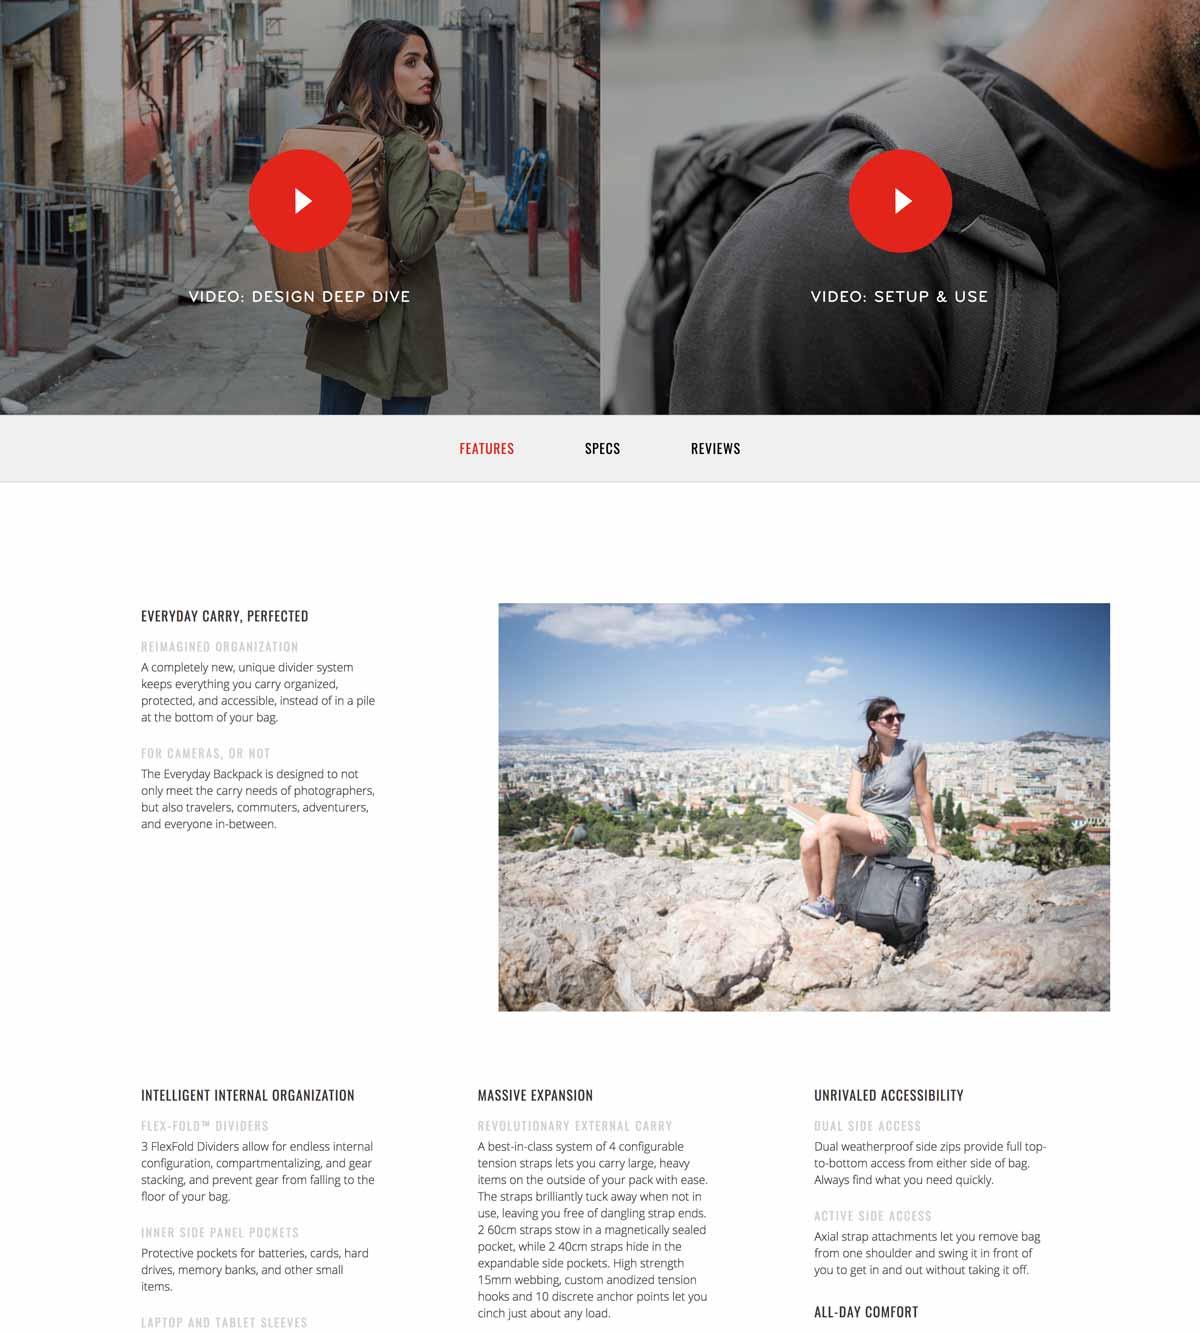 Ejemplo de página de producto de accesorios de viaje